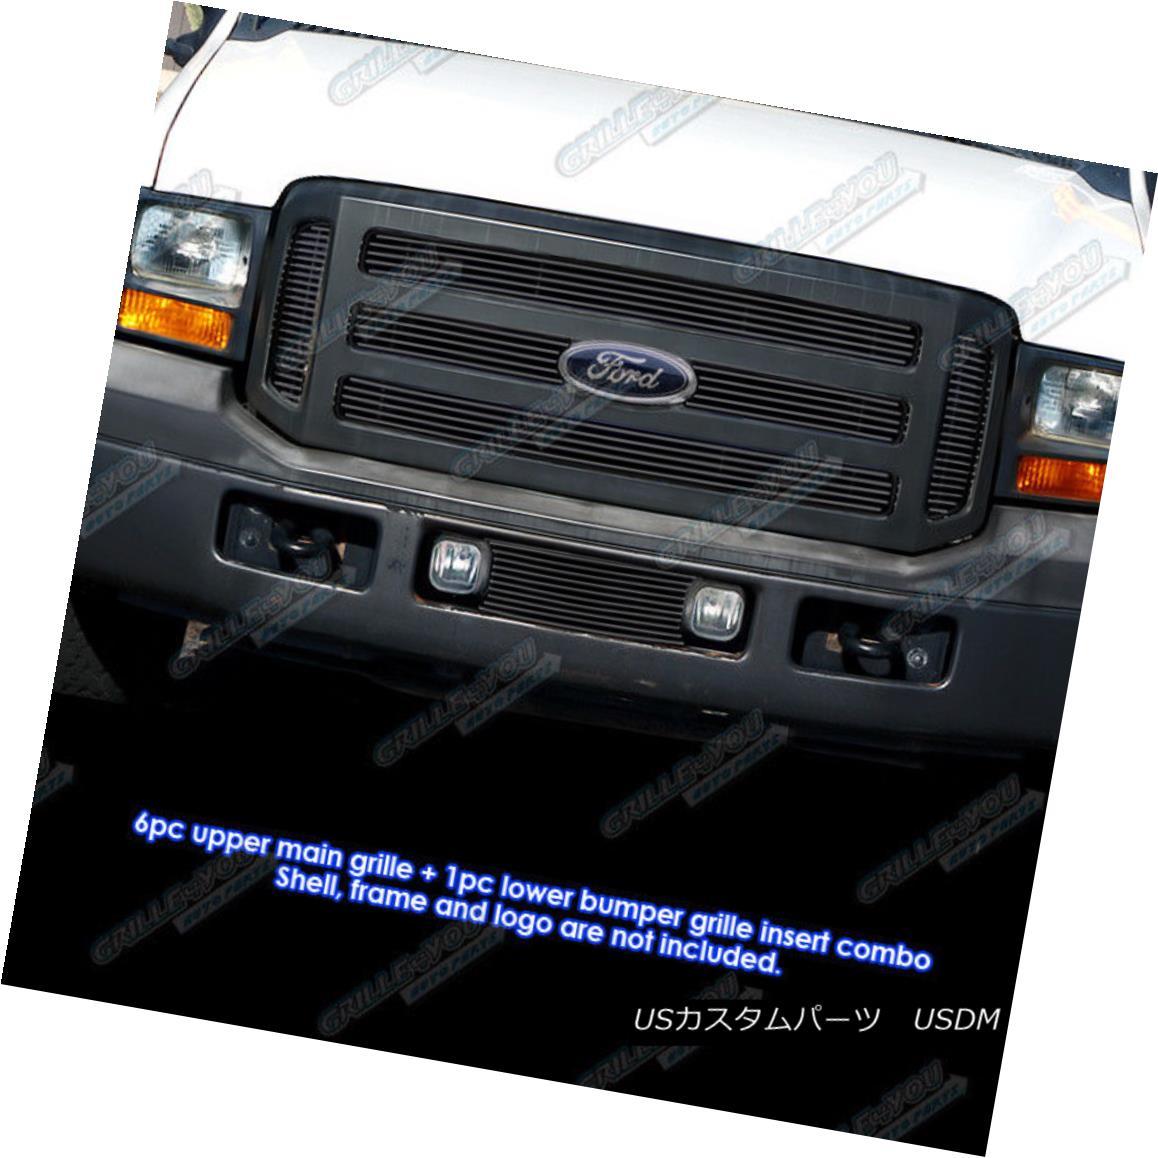 グリル Fits 2005-2007 Ford F250 グリル/F350 Black/Excursion Fits Black Billet Grille Combo フィット2005-2007 Ford F250/ F350/ Excu rsionブラックビレットグリルコンボ, ポポロ ロトンド:8e8fe1d3 --- knbufm.com